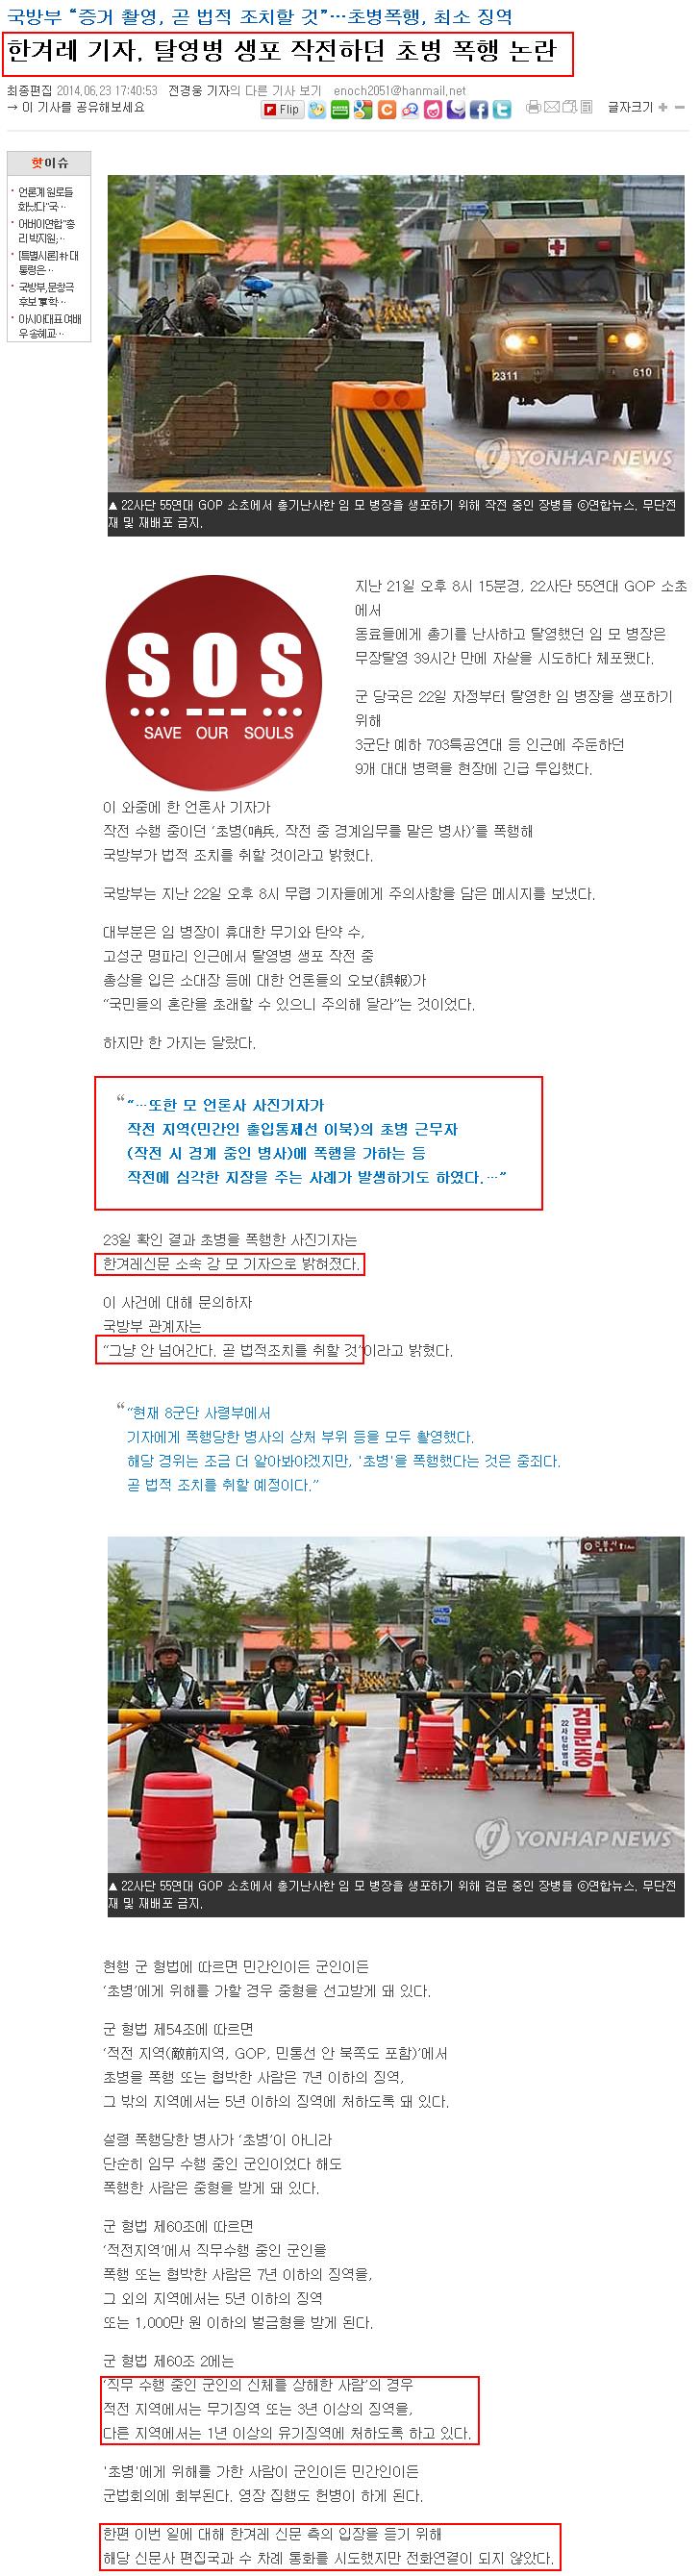 한괴뢰 기레기 임모 병장 탈영병 작전지역 초병폭행